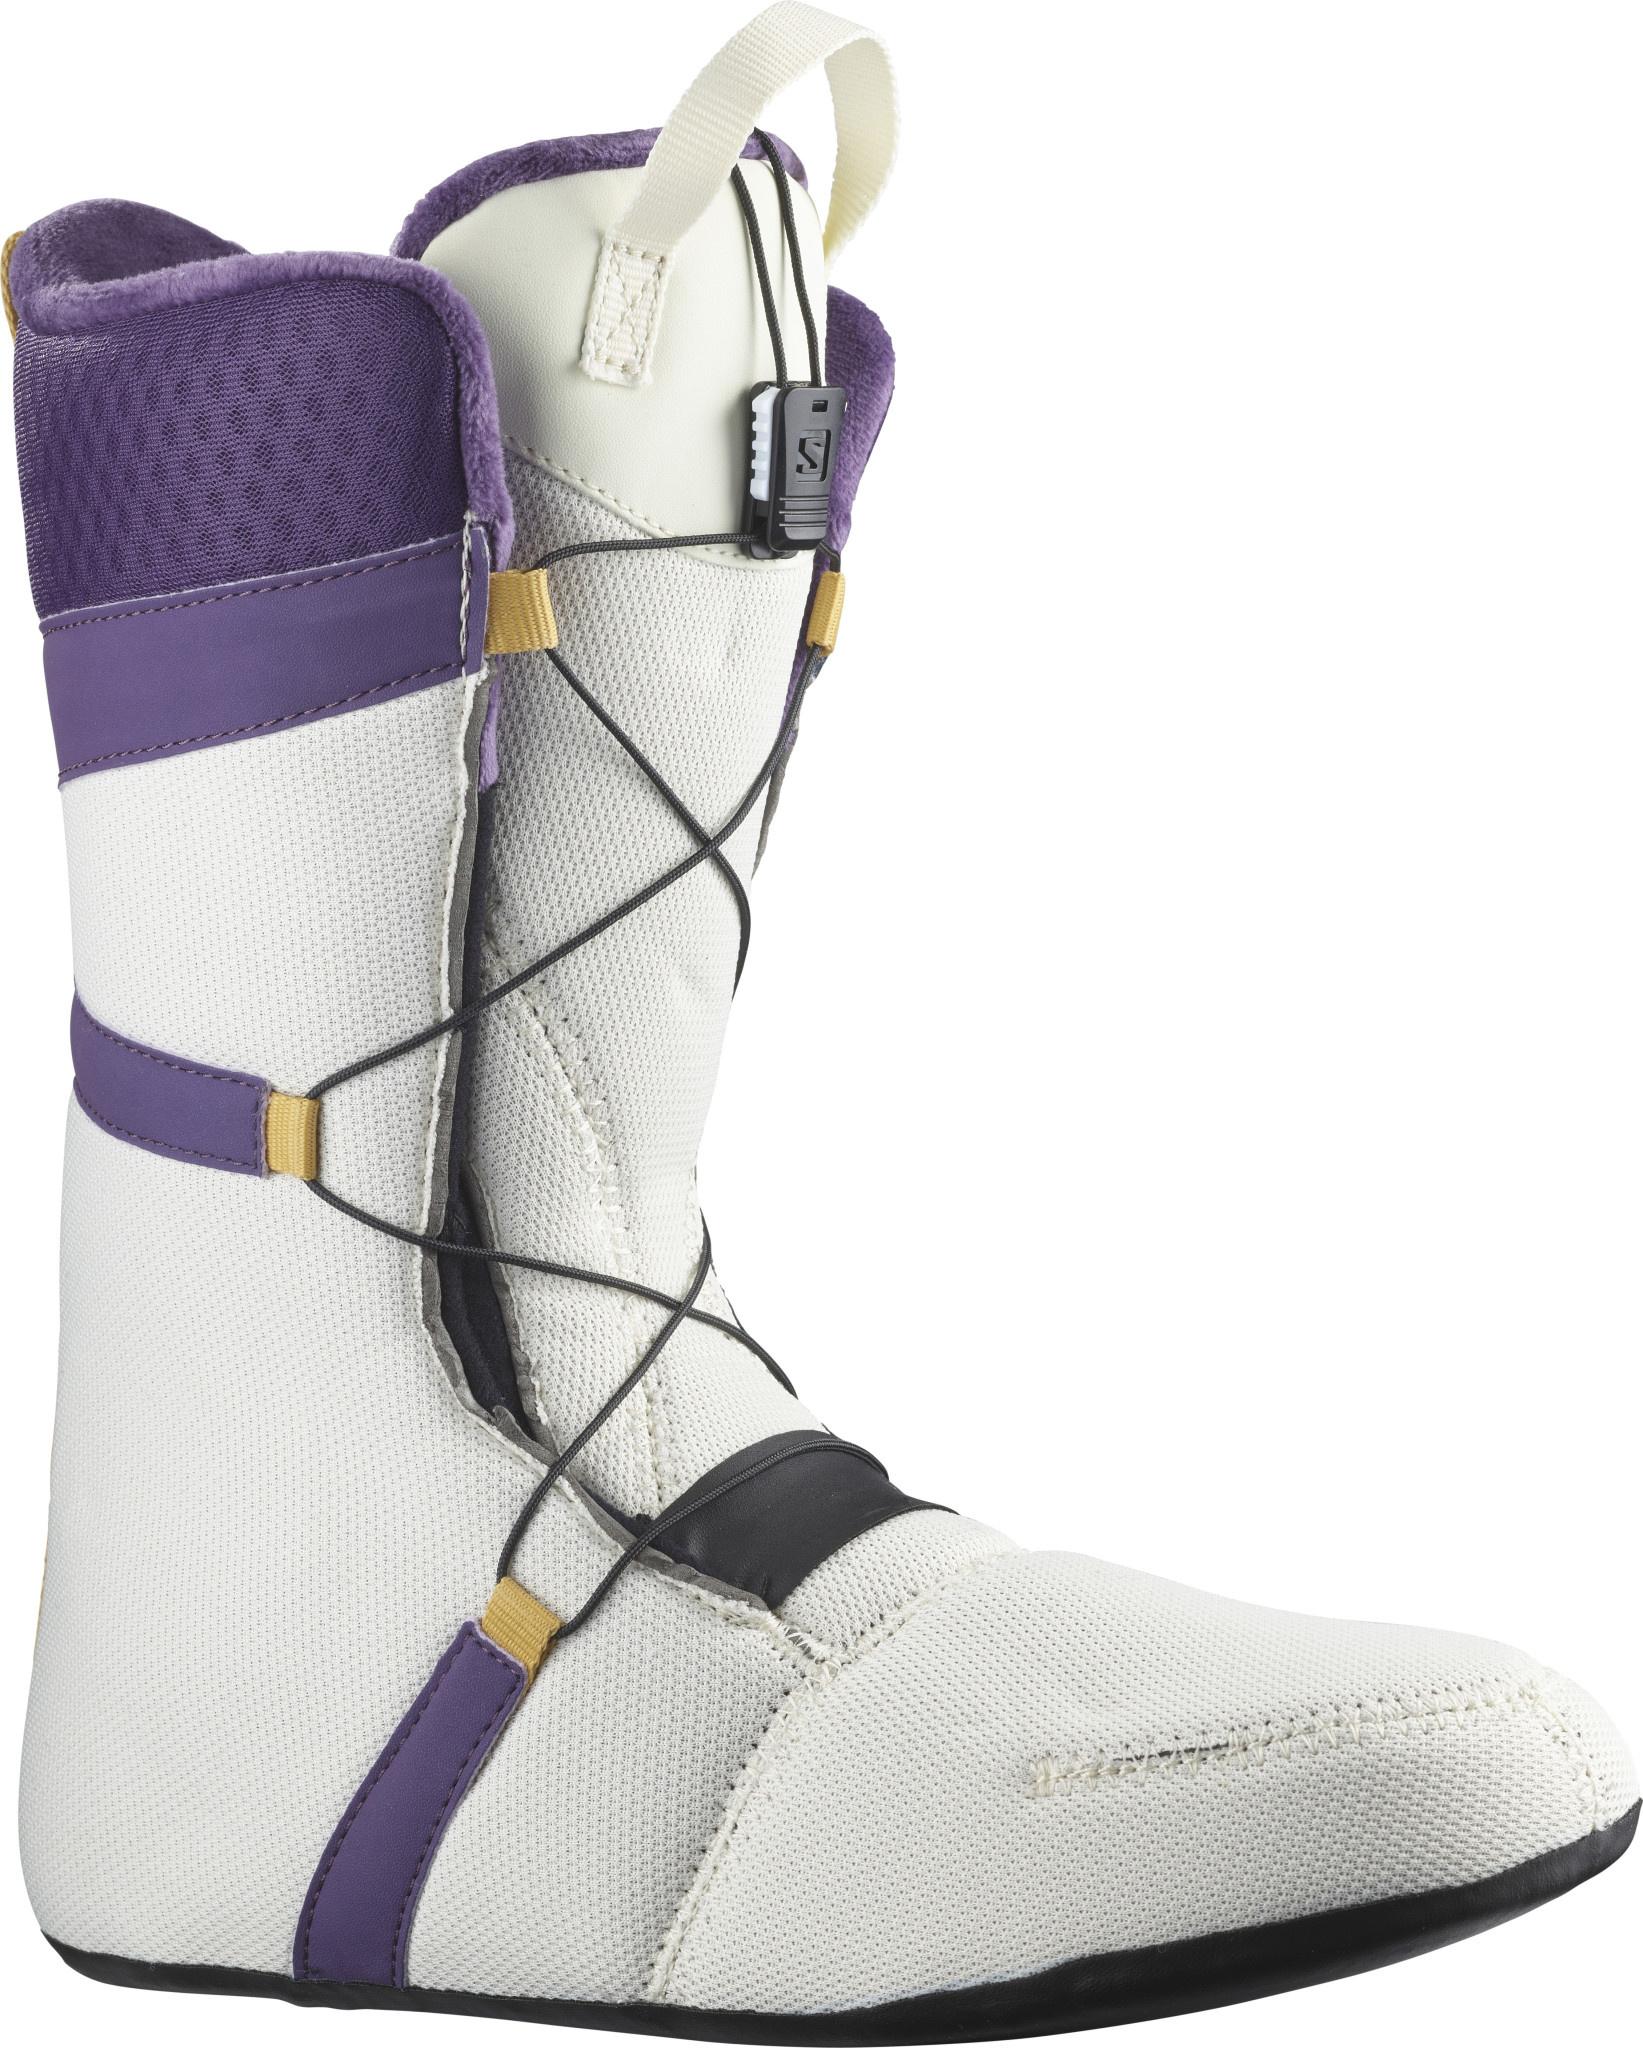 Salomon Snowboard Salomon M's Launch Lace SJ BOA Team Snowboard Boot (2022)